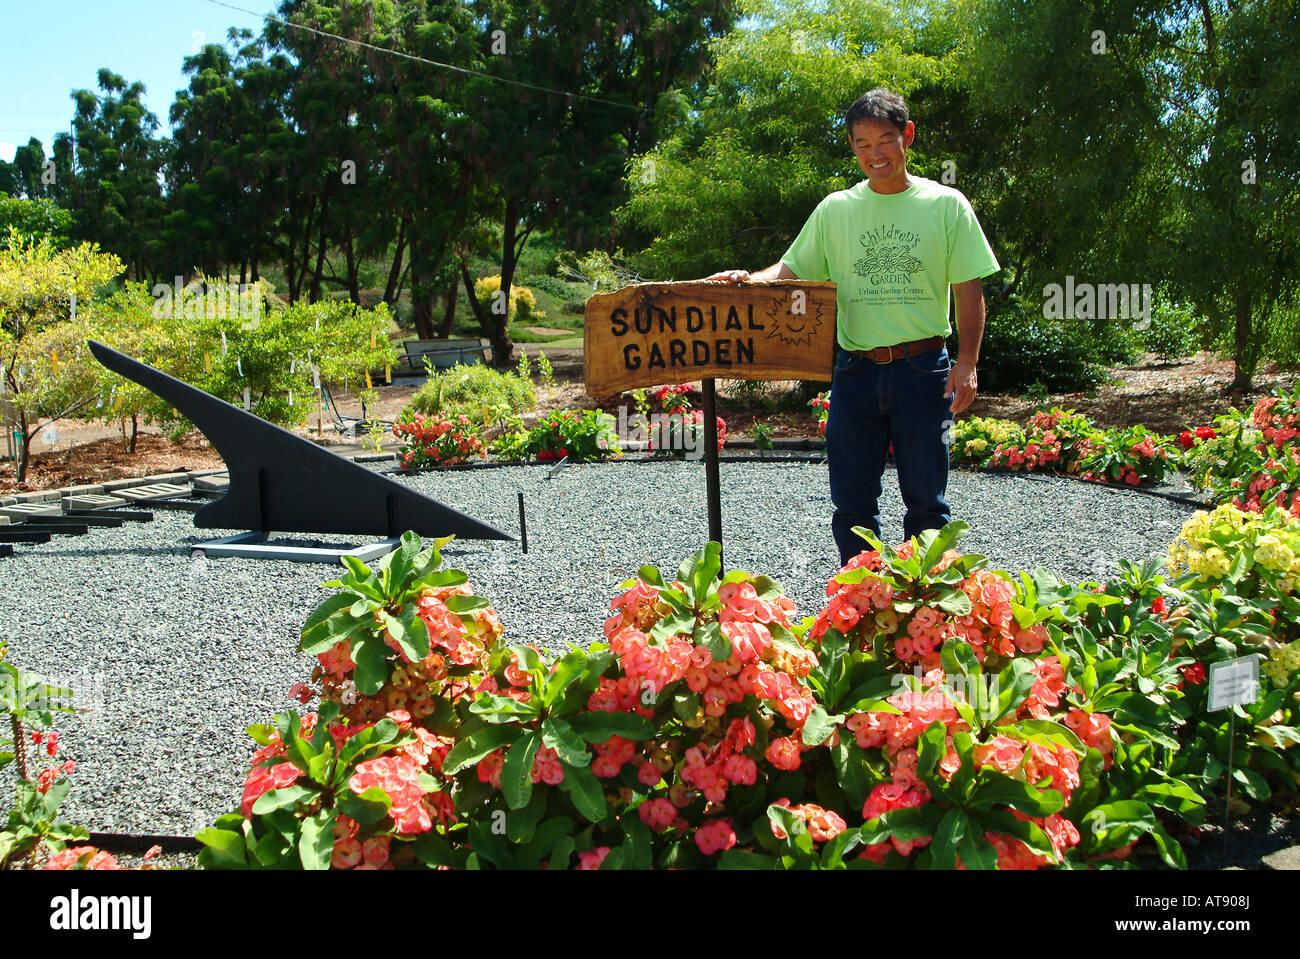 30 acres de jardín urbano centro contiene gran variedad de pantallas, incluyendo jardín de hierbas, hedge maze, cubierta de tierra y césped, muestra Foto de stock